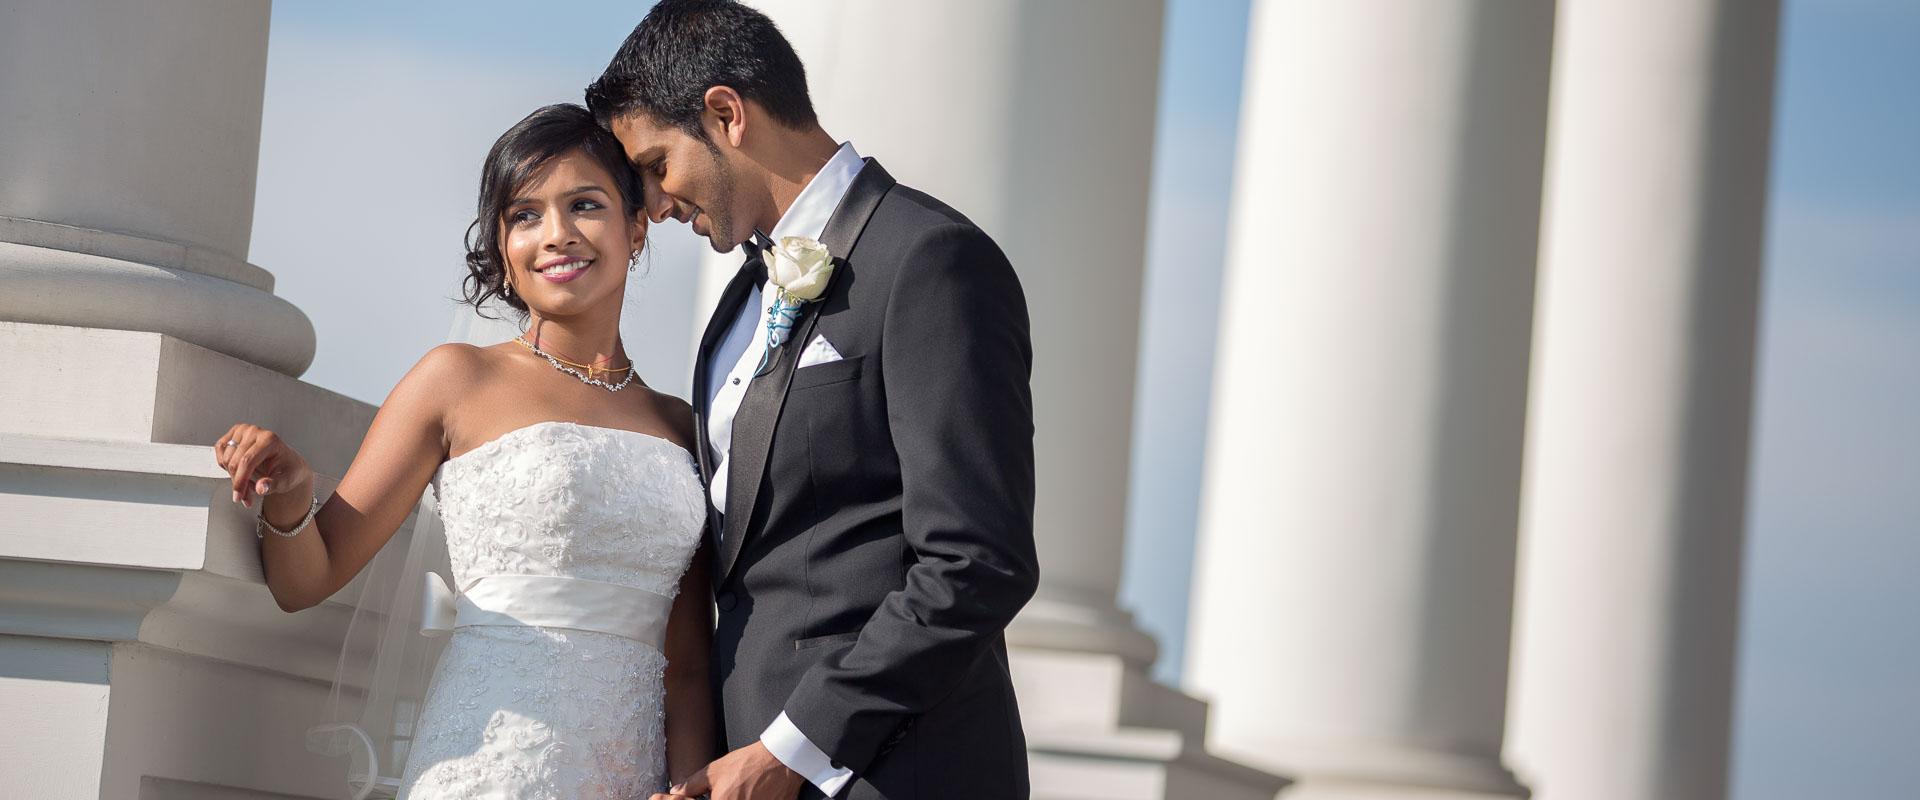 Internationale Hochzeitsfotografie Budapest, Wien